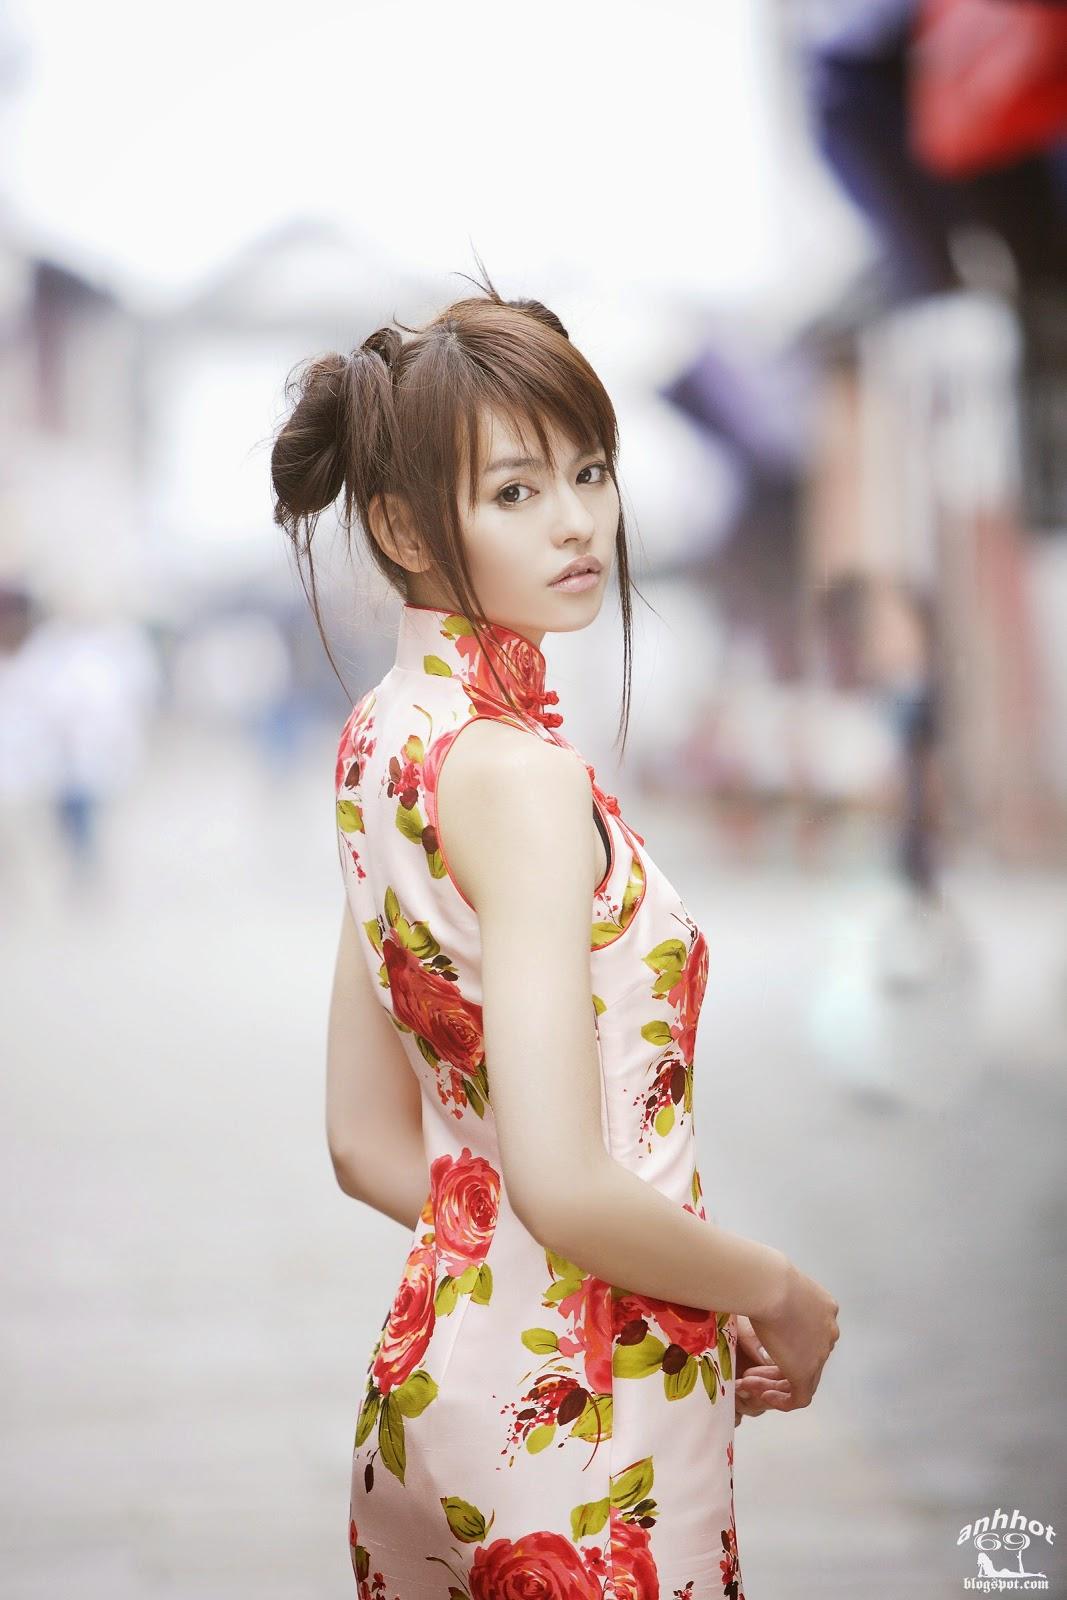 yuriko-shiratori-00499793